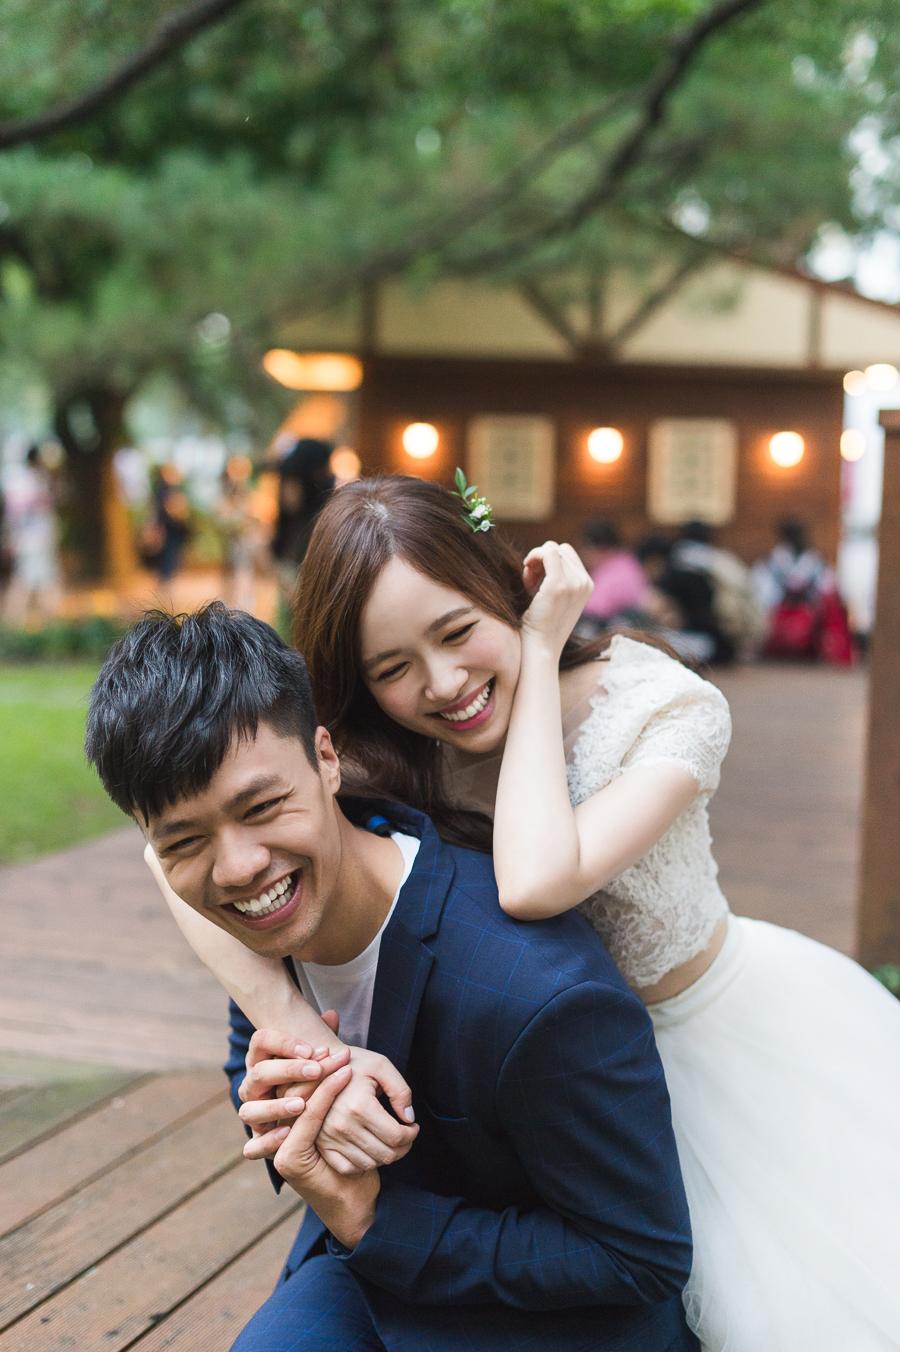 台大婚紗, 校園婚紗 | Huiju & Chiwei - 婚攝 Roger Wu Studio 自助婚紗